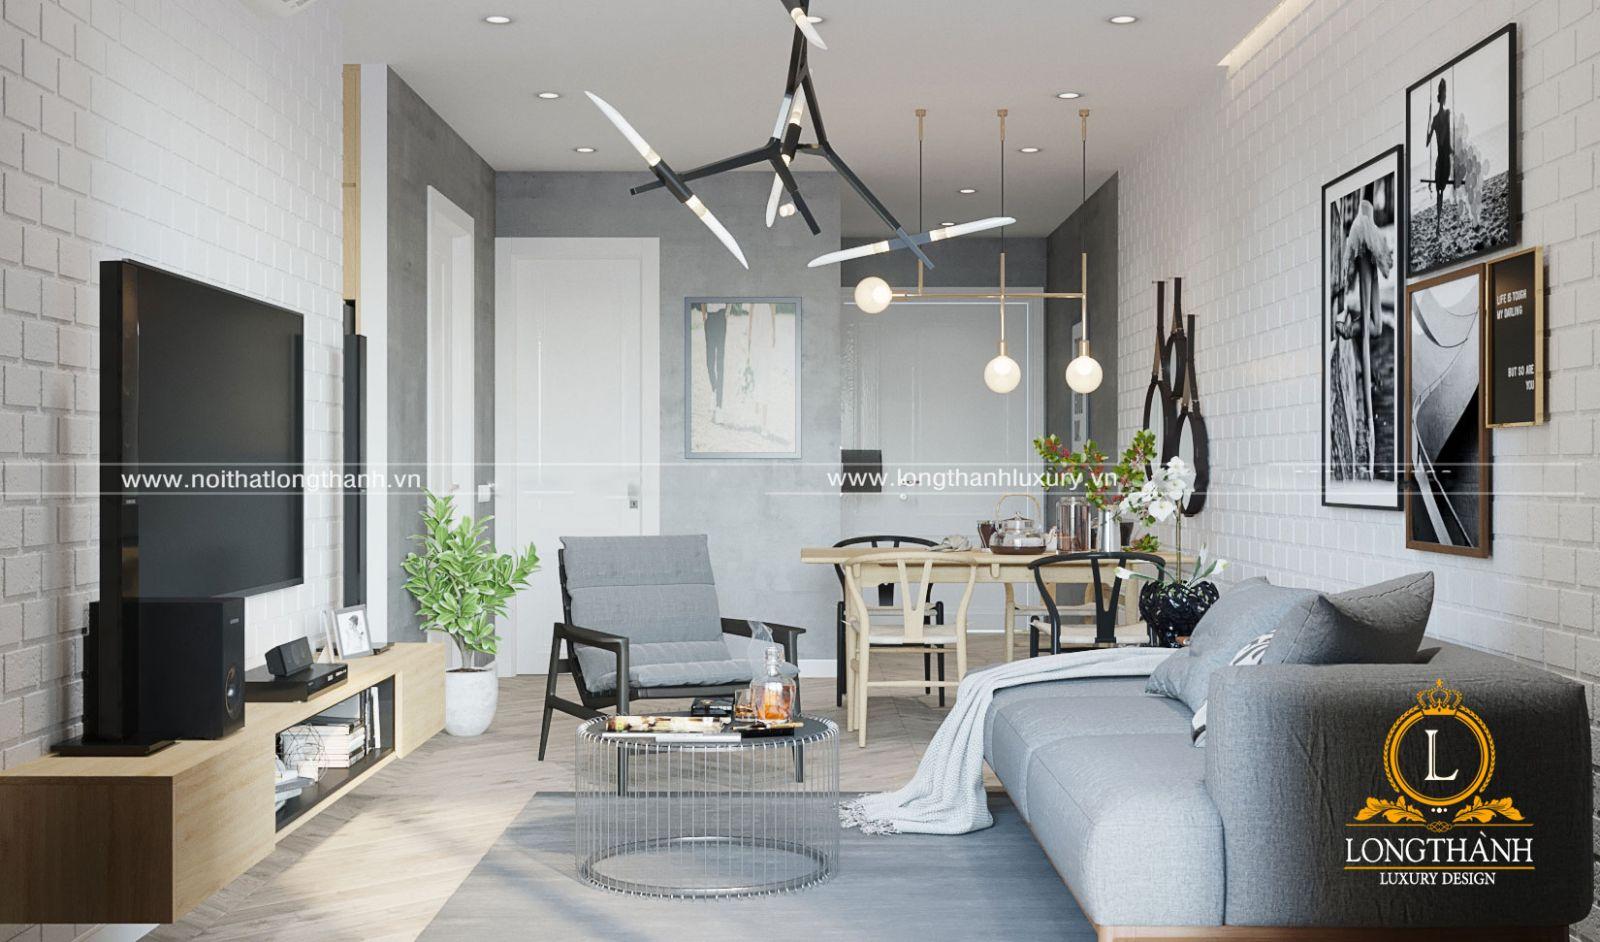 Không gian phòng khách với đồ nội thất đơn giản được bố trí gọn gàng đẹp mắt